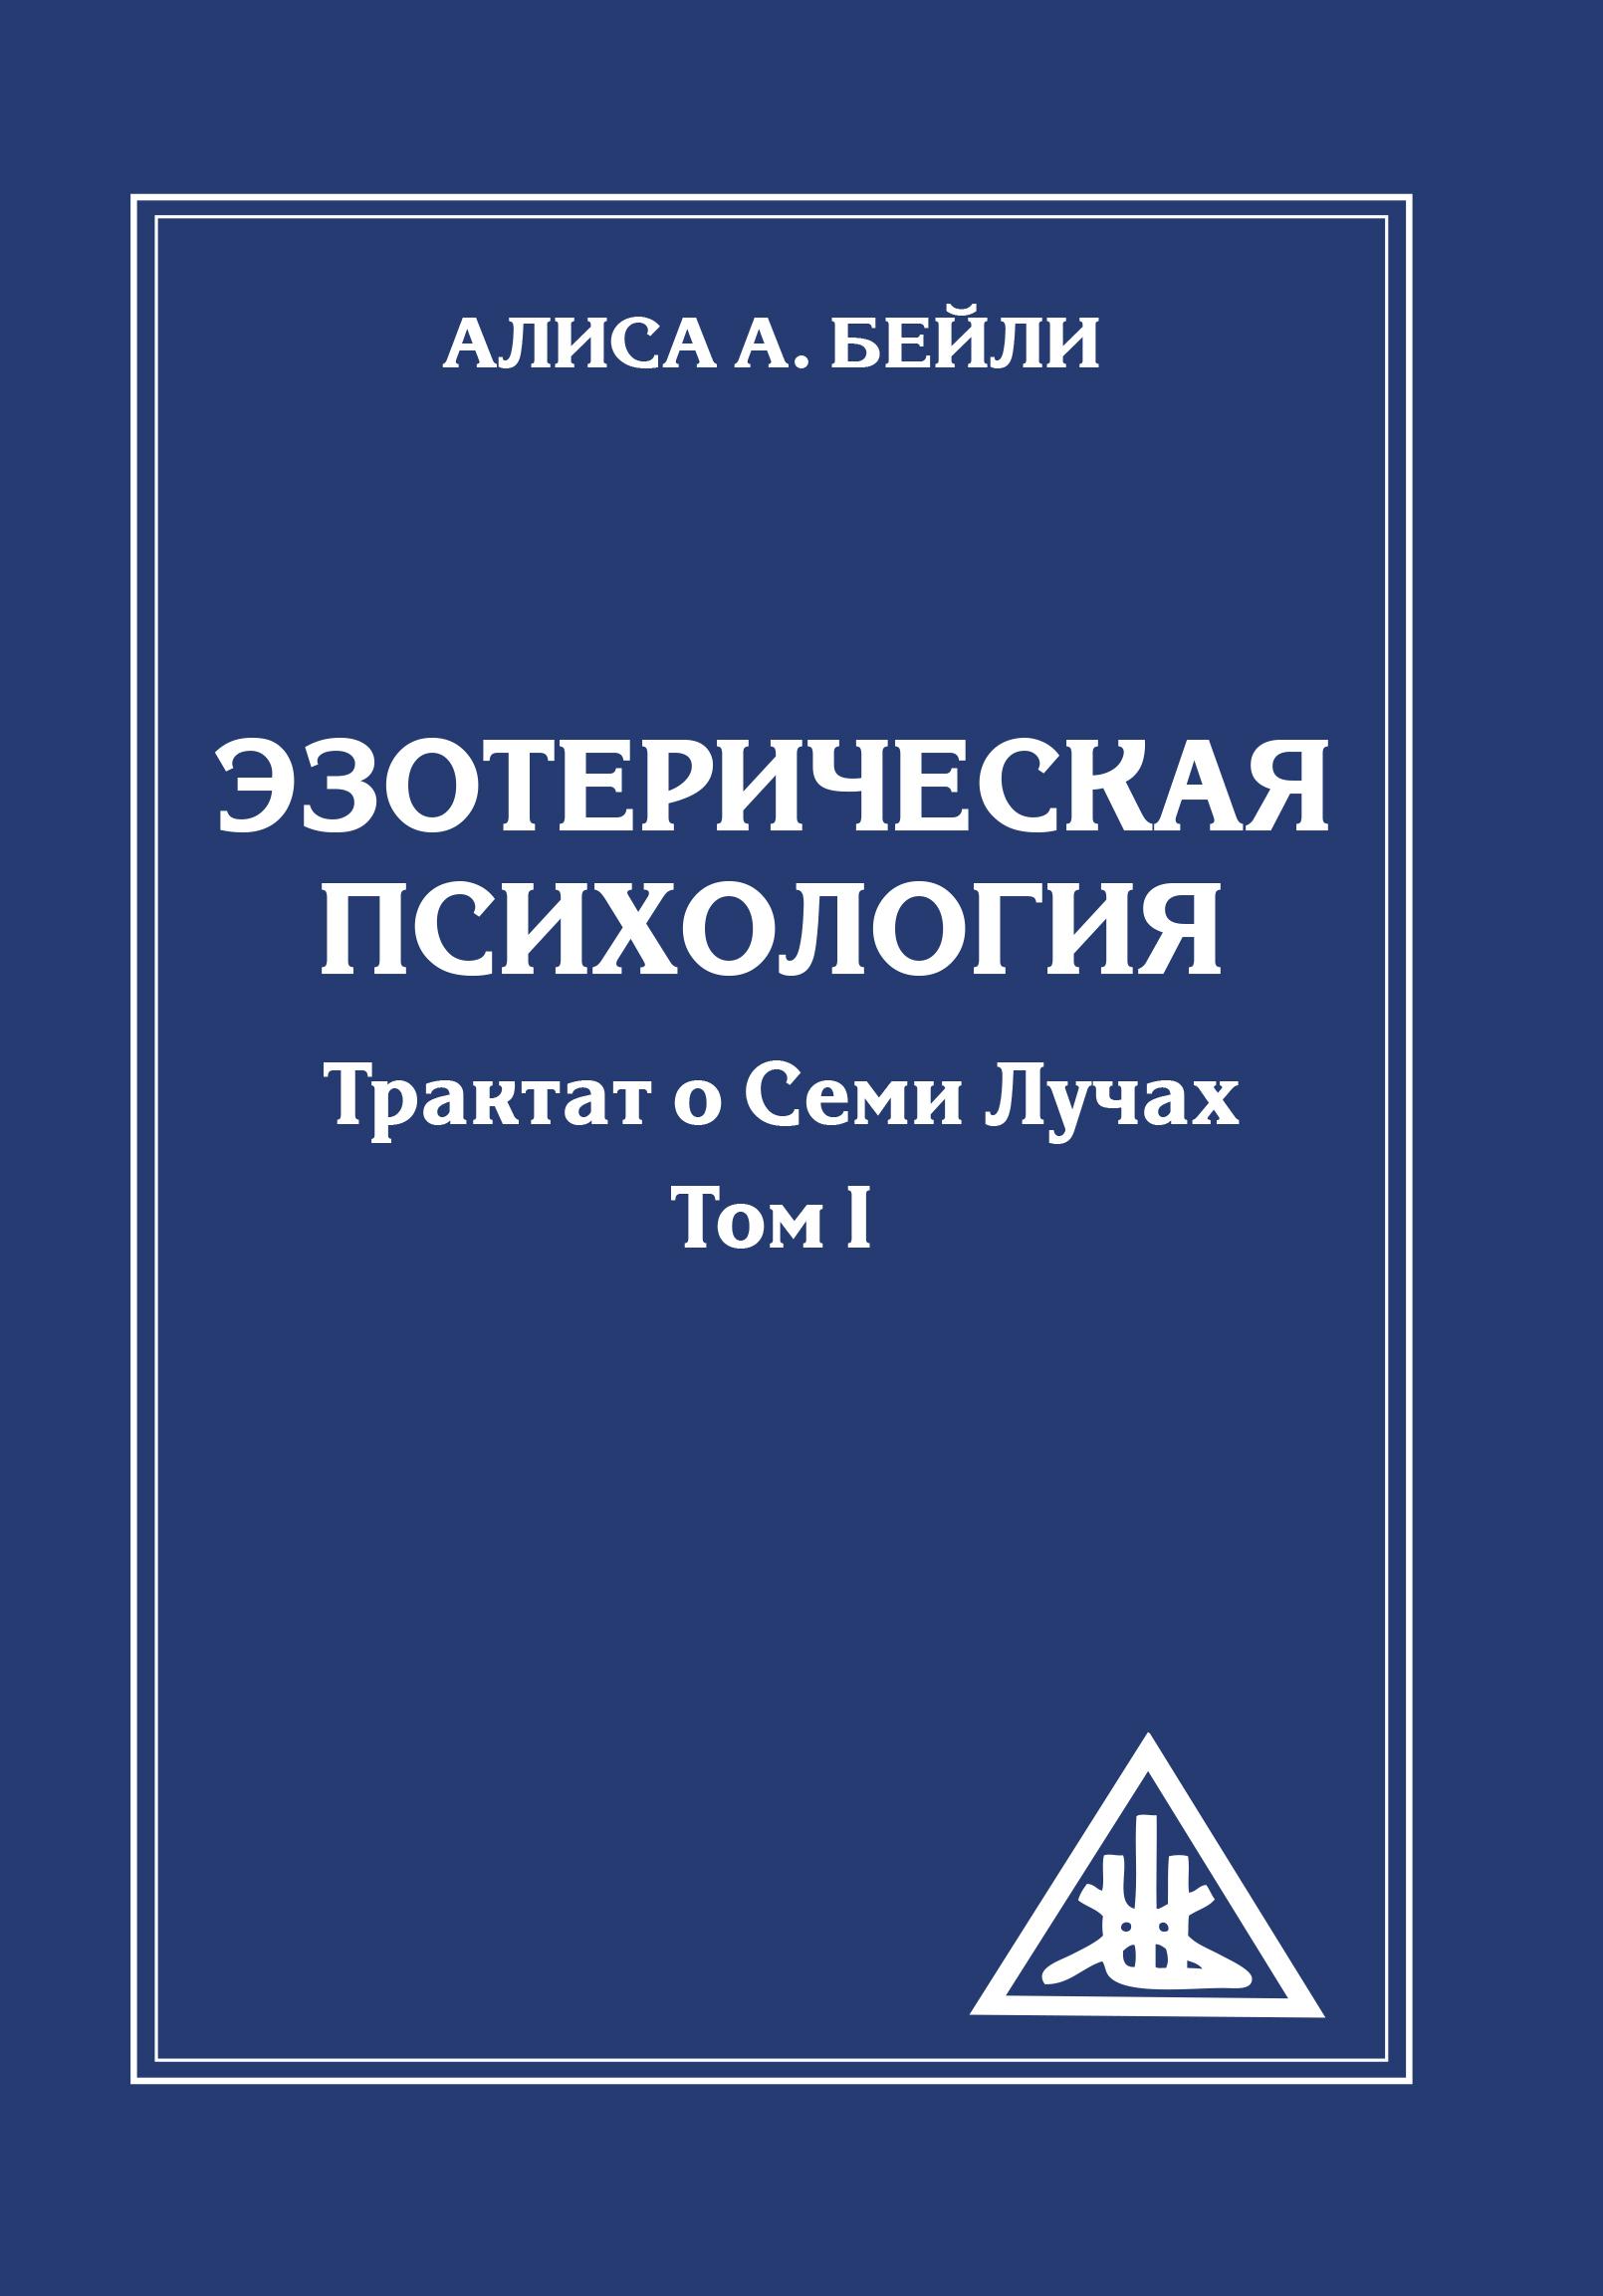 Эзотерическая психология. Трактат о Семи Лучах. Том 1. 2-е изд. (обл.)